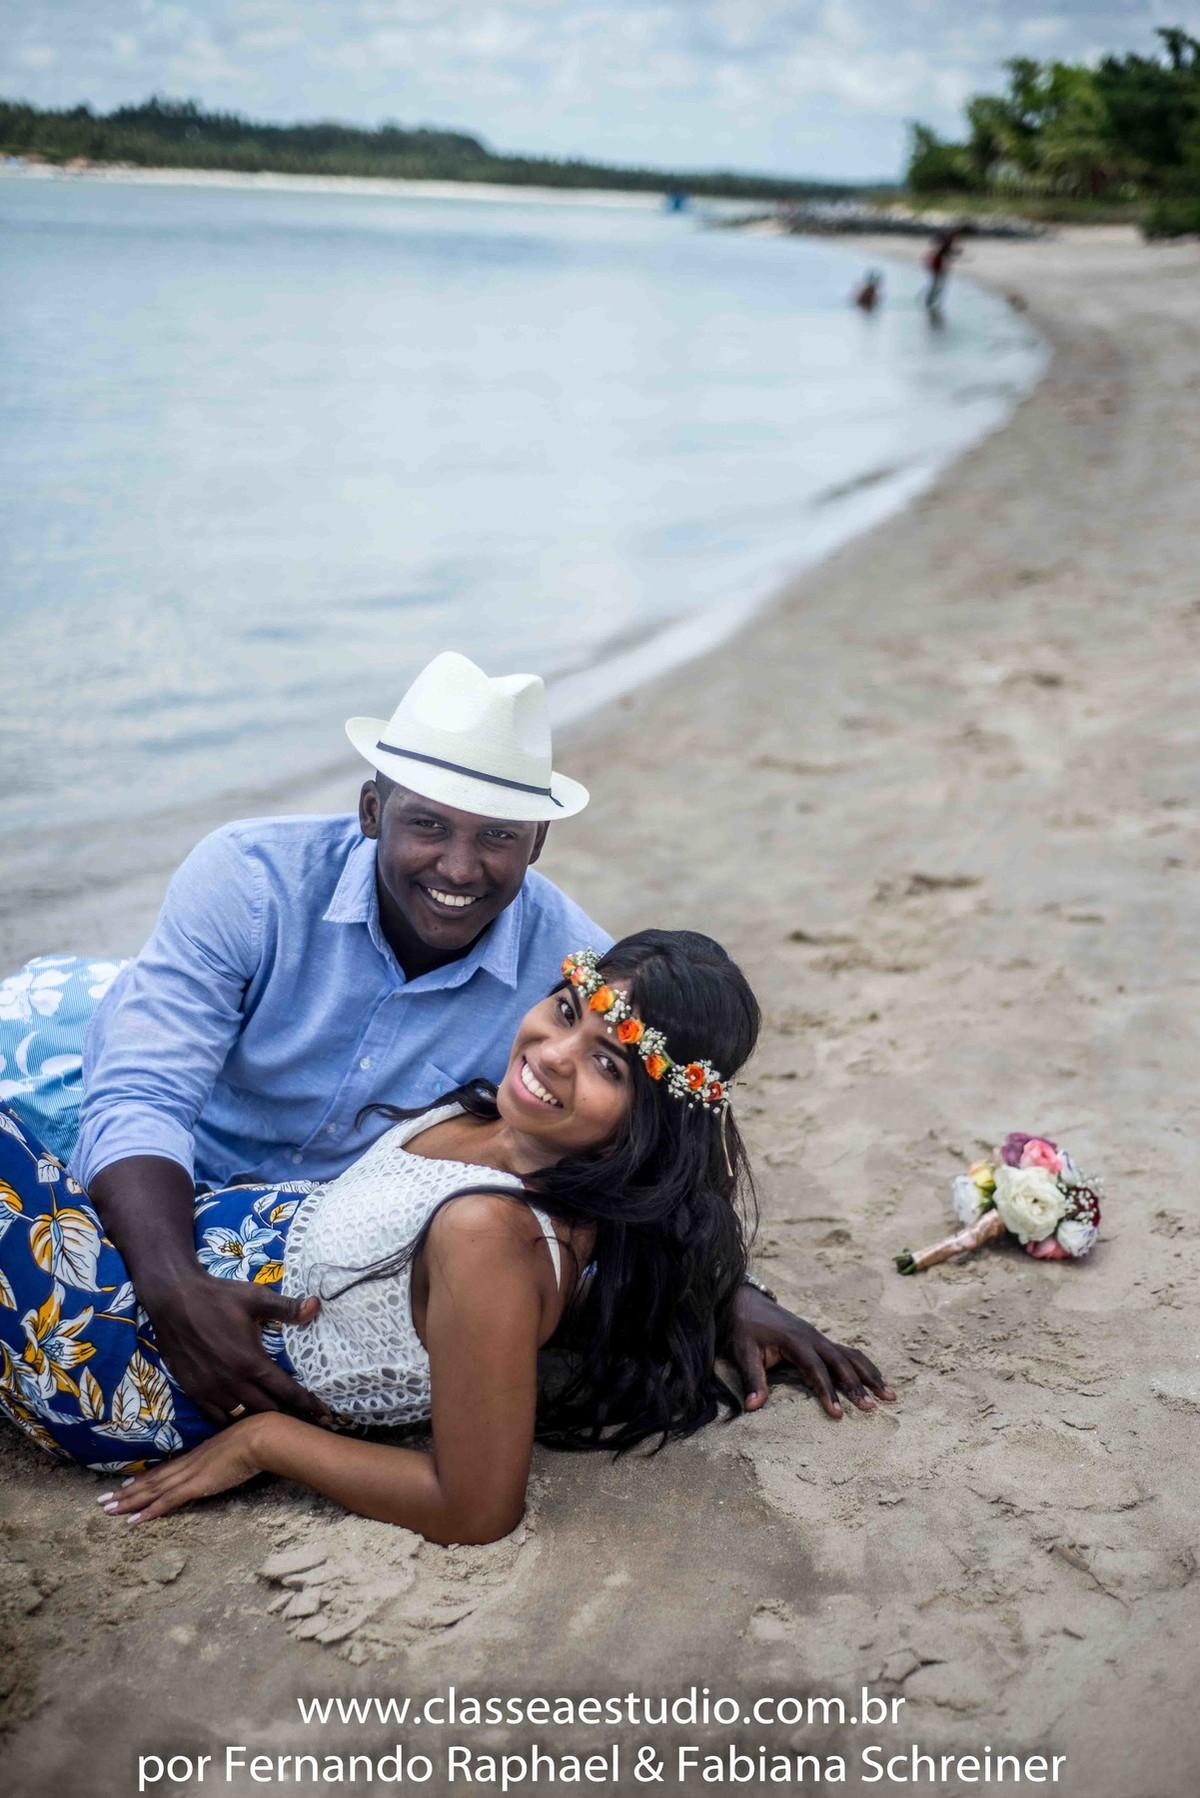 pré-wedding na praia de Maria Farinha em Pernambuco